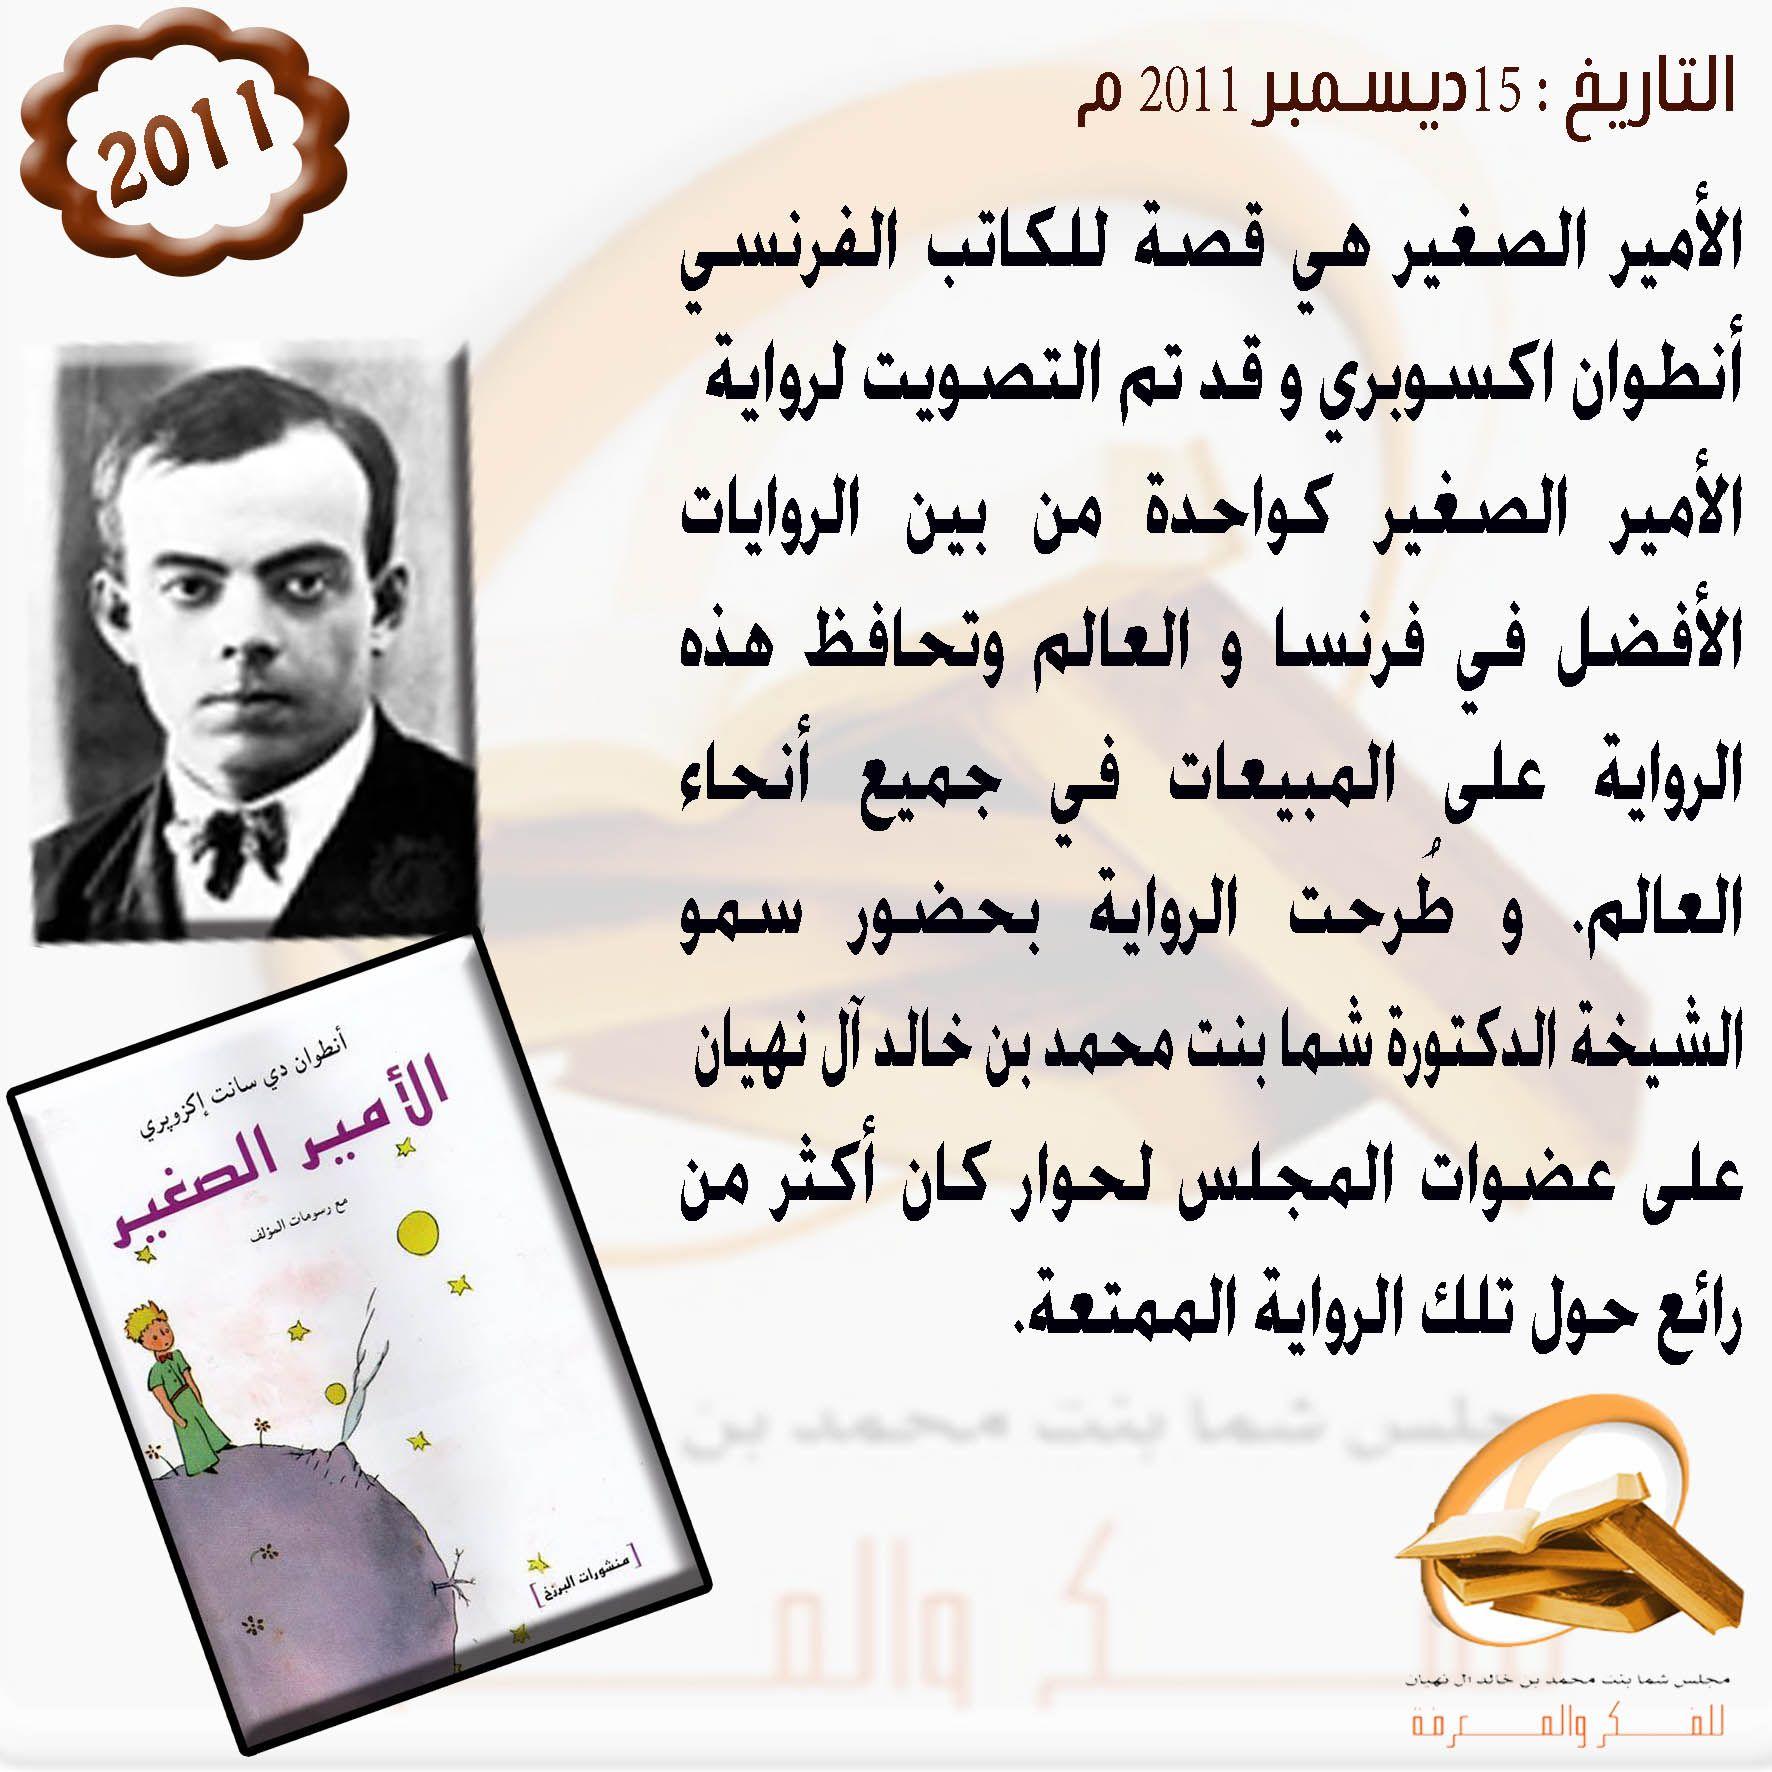 مناقشة قصة الأمير الصغير 15 ديسمبر 2011م Event